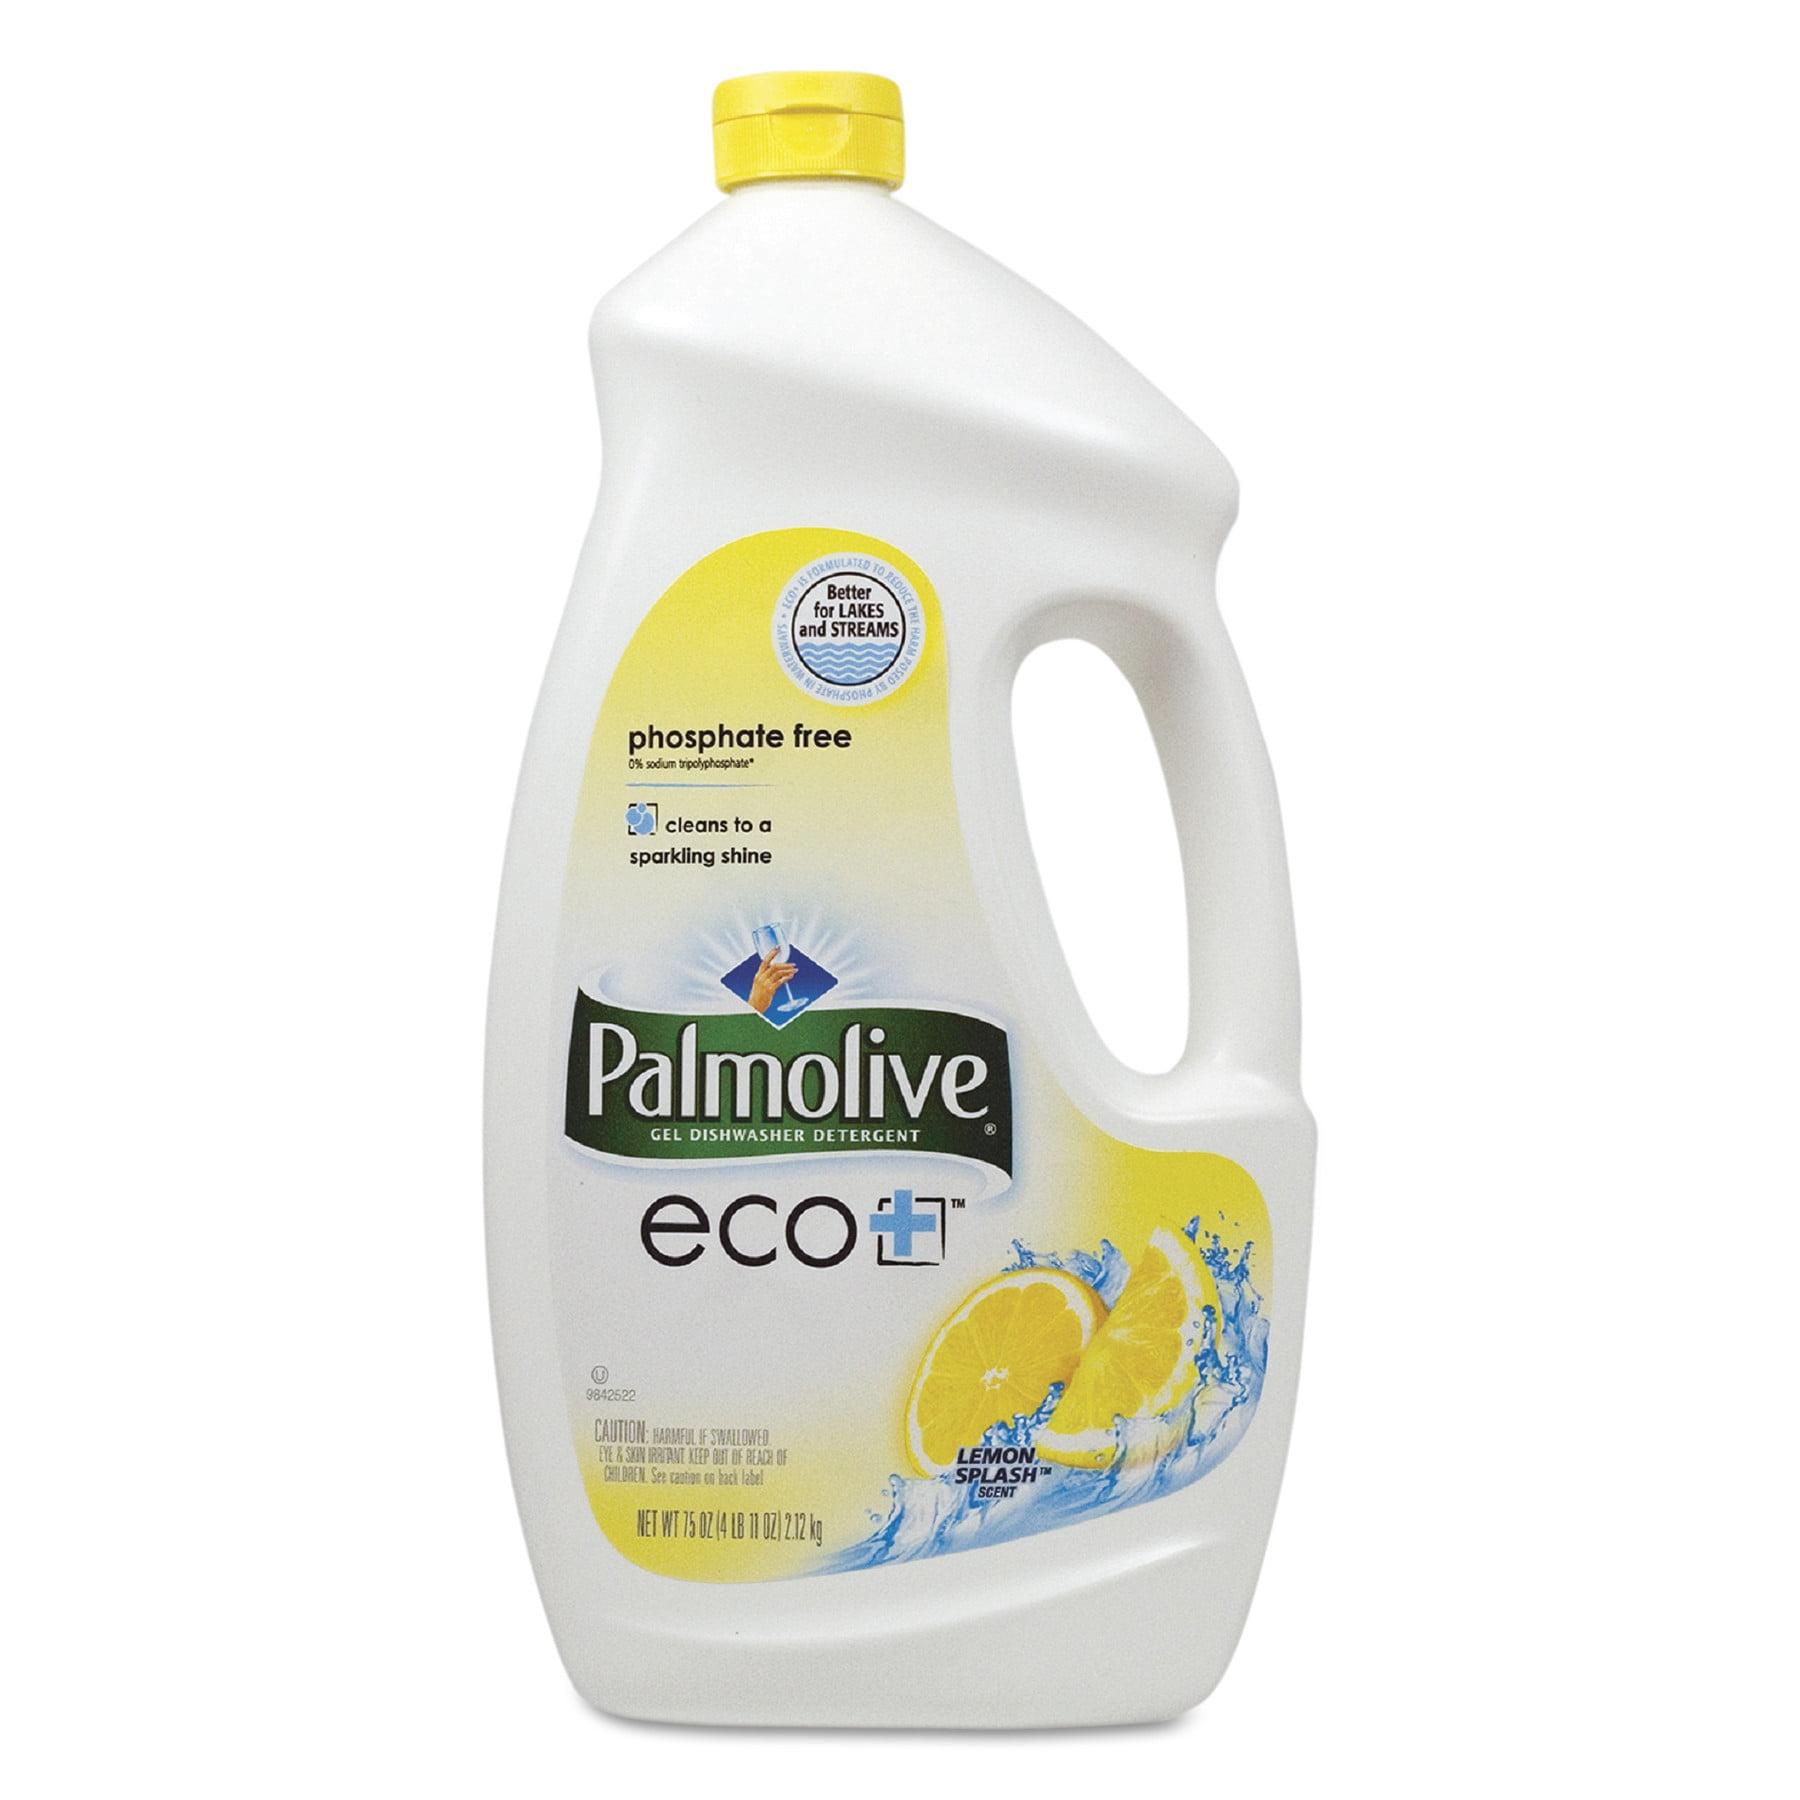 Palmolive Automatic Dishwashing Gel Lemon 75oz Bottle